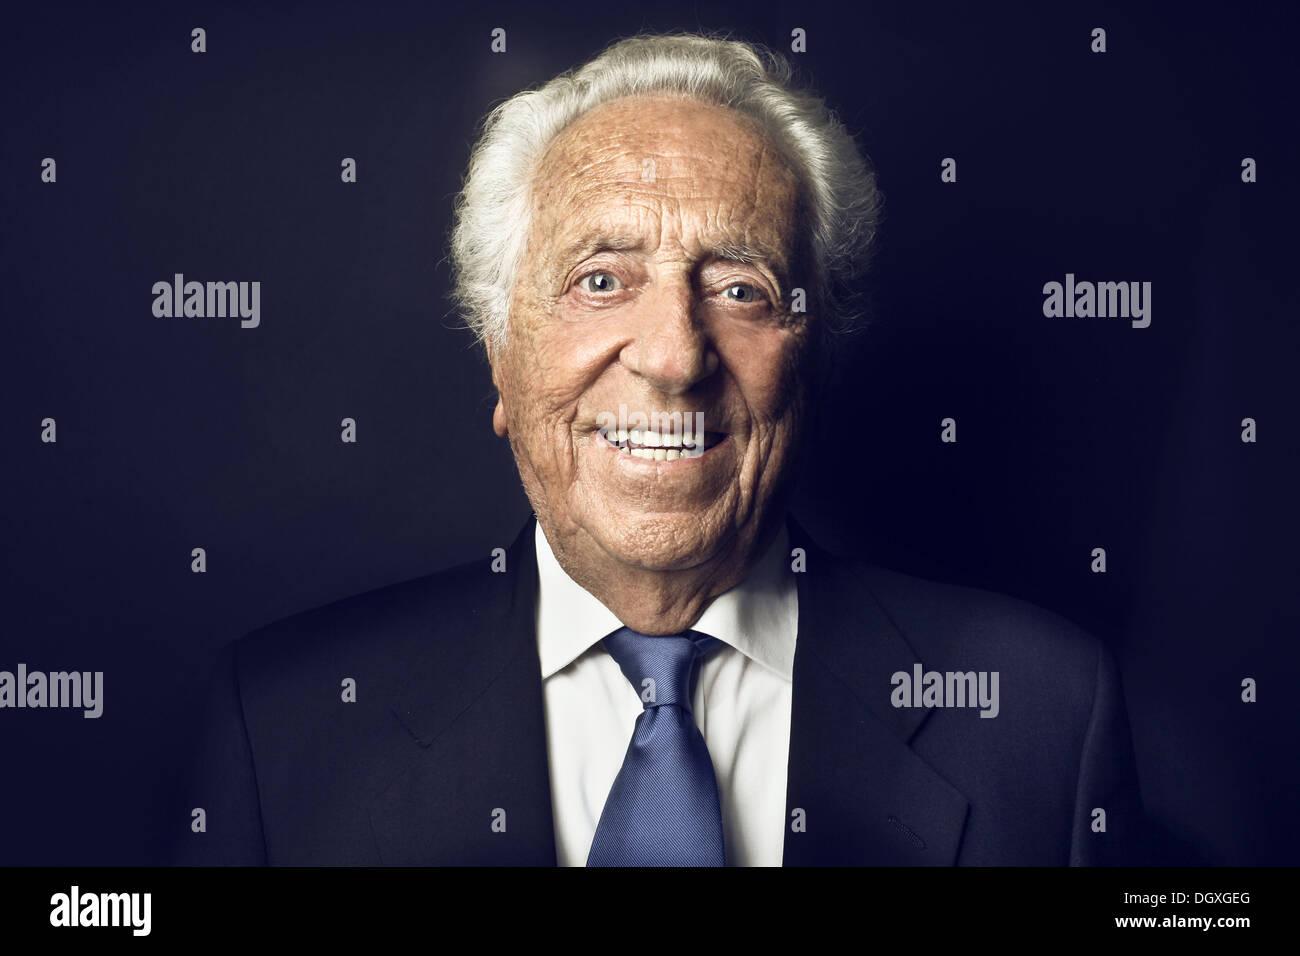 Vieil homme souriant sur fond noir Photo Stock